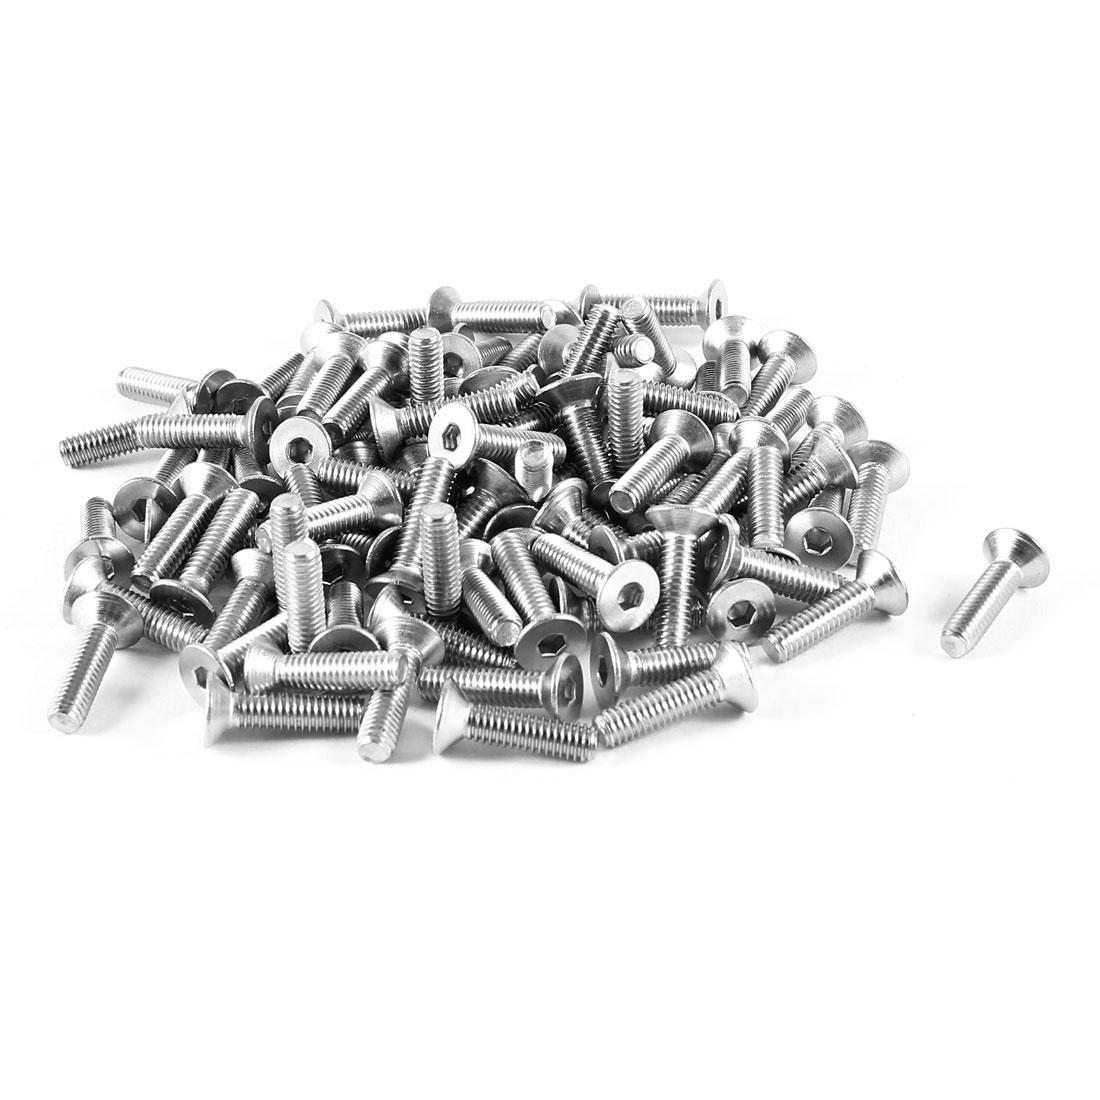 100 Pcs 304HC Steel Countersunk Hex Socket Flat Head Bolts Screws M4 x 16mm